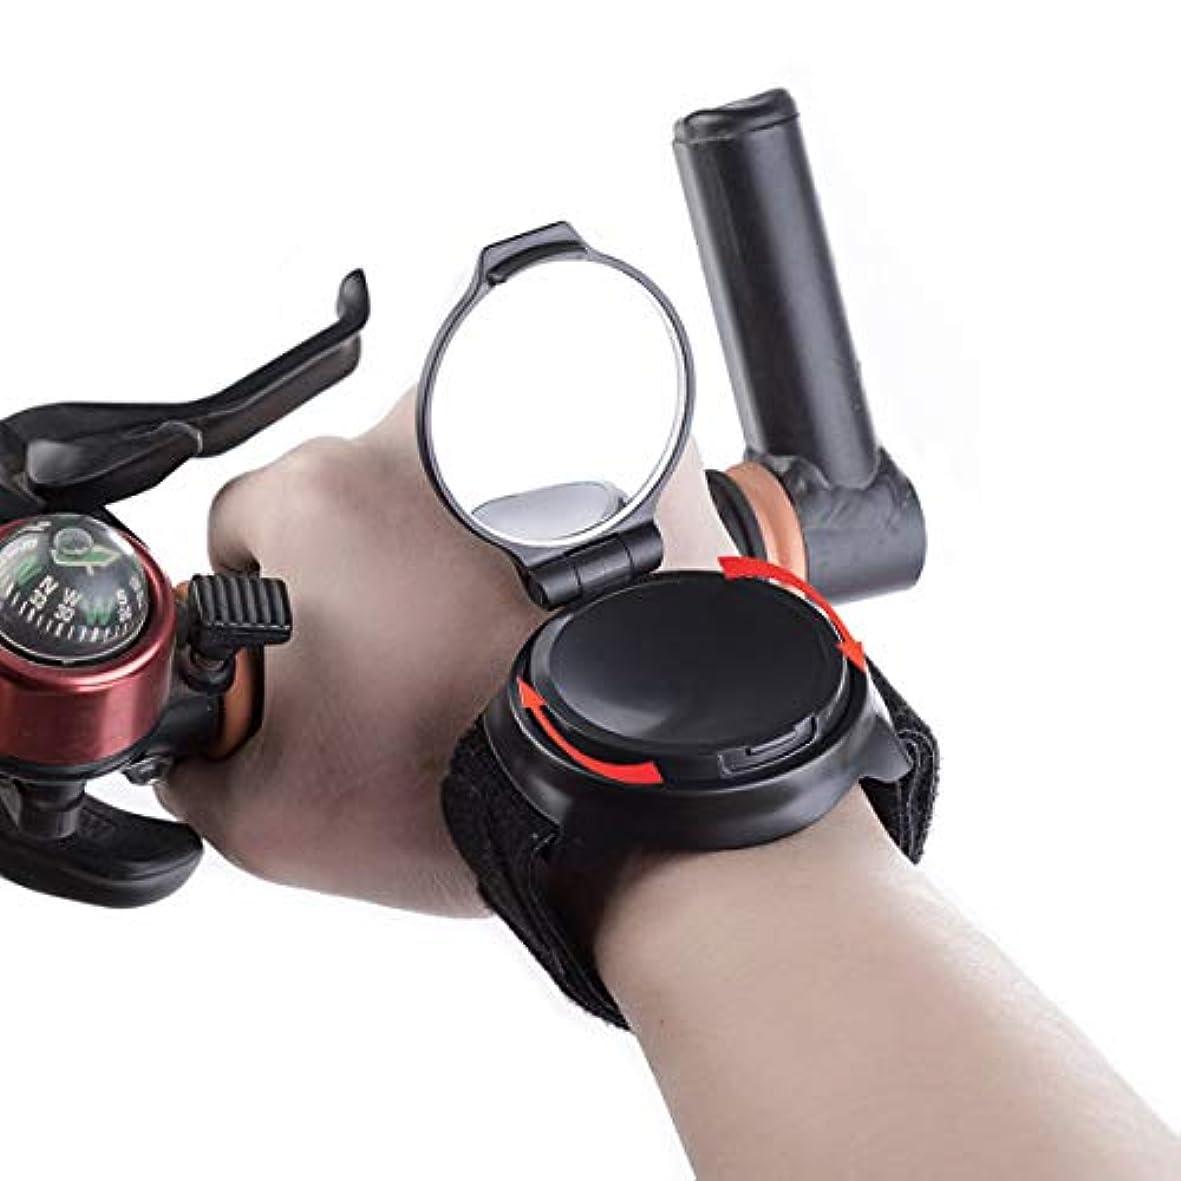 レジデンス借りている極めて重要なKYUUSI 自転車 アームミラー 360°回転 バックミラー 腕に装着するタイプ 反射鏡 広角 コンパクト 取り付け簡単 軽量設計 プレゼント